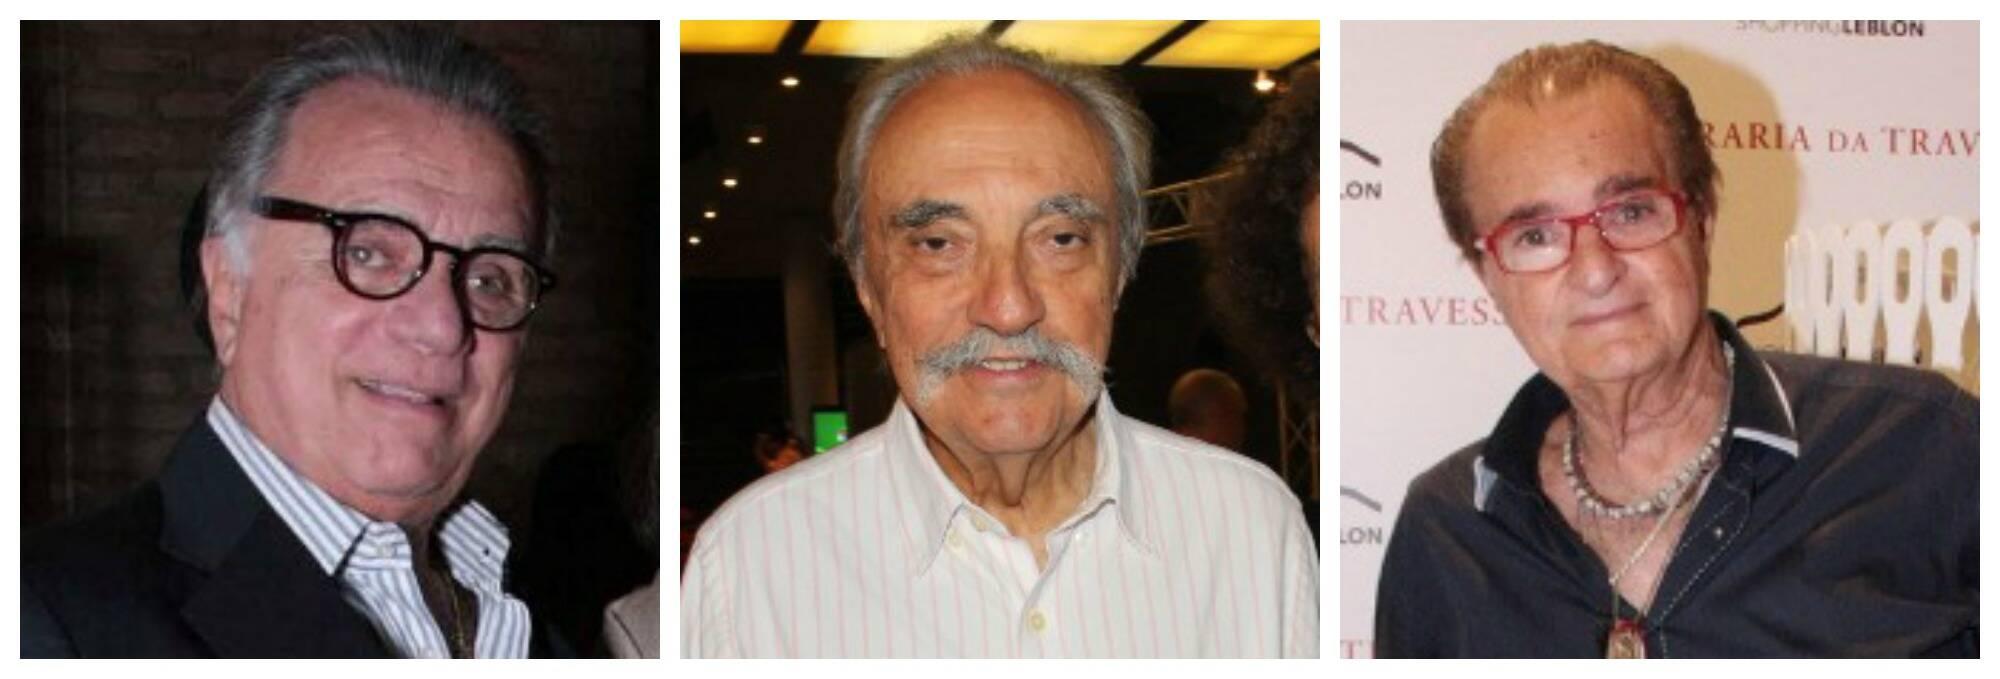 colagem nota Sérgio Figueiredo